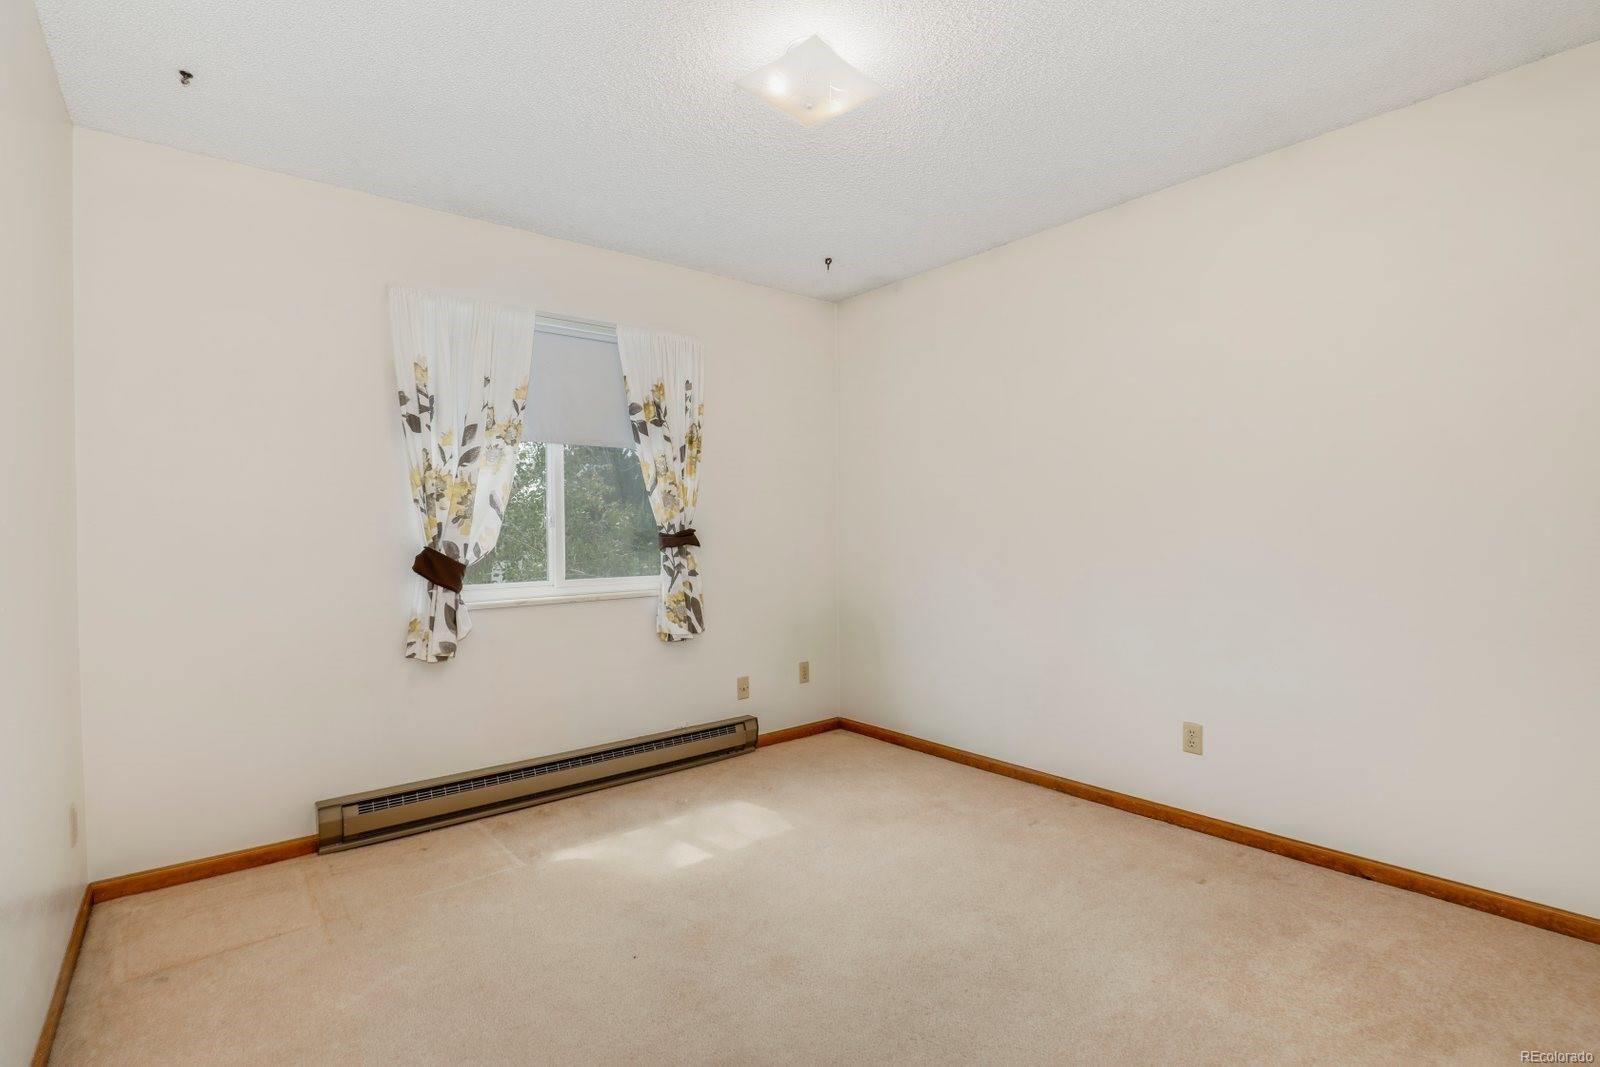 MLS# 9388293 - 24 - 920 Coral Court, Castle Rock, CO 80104